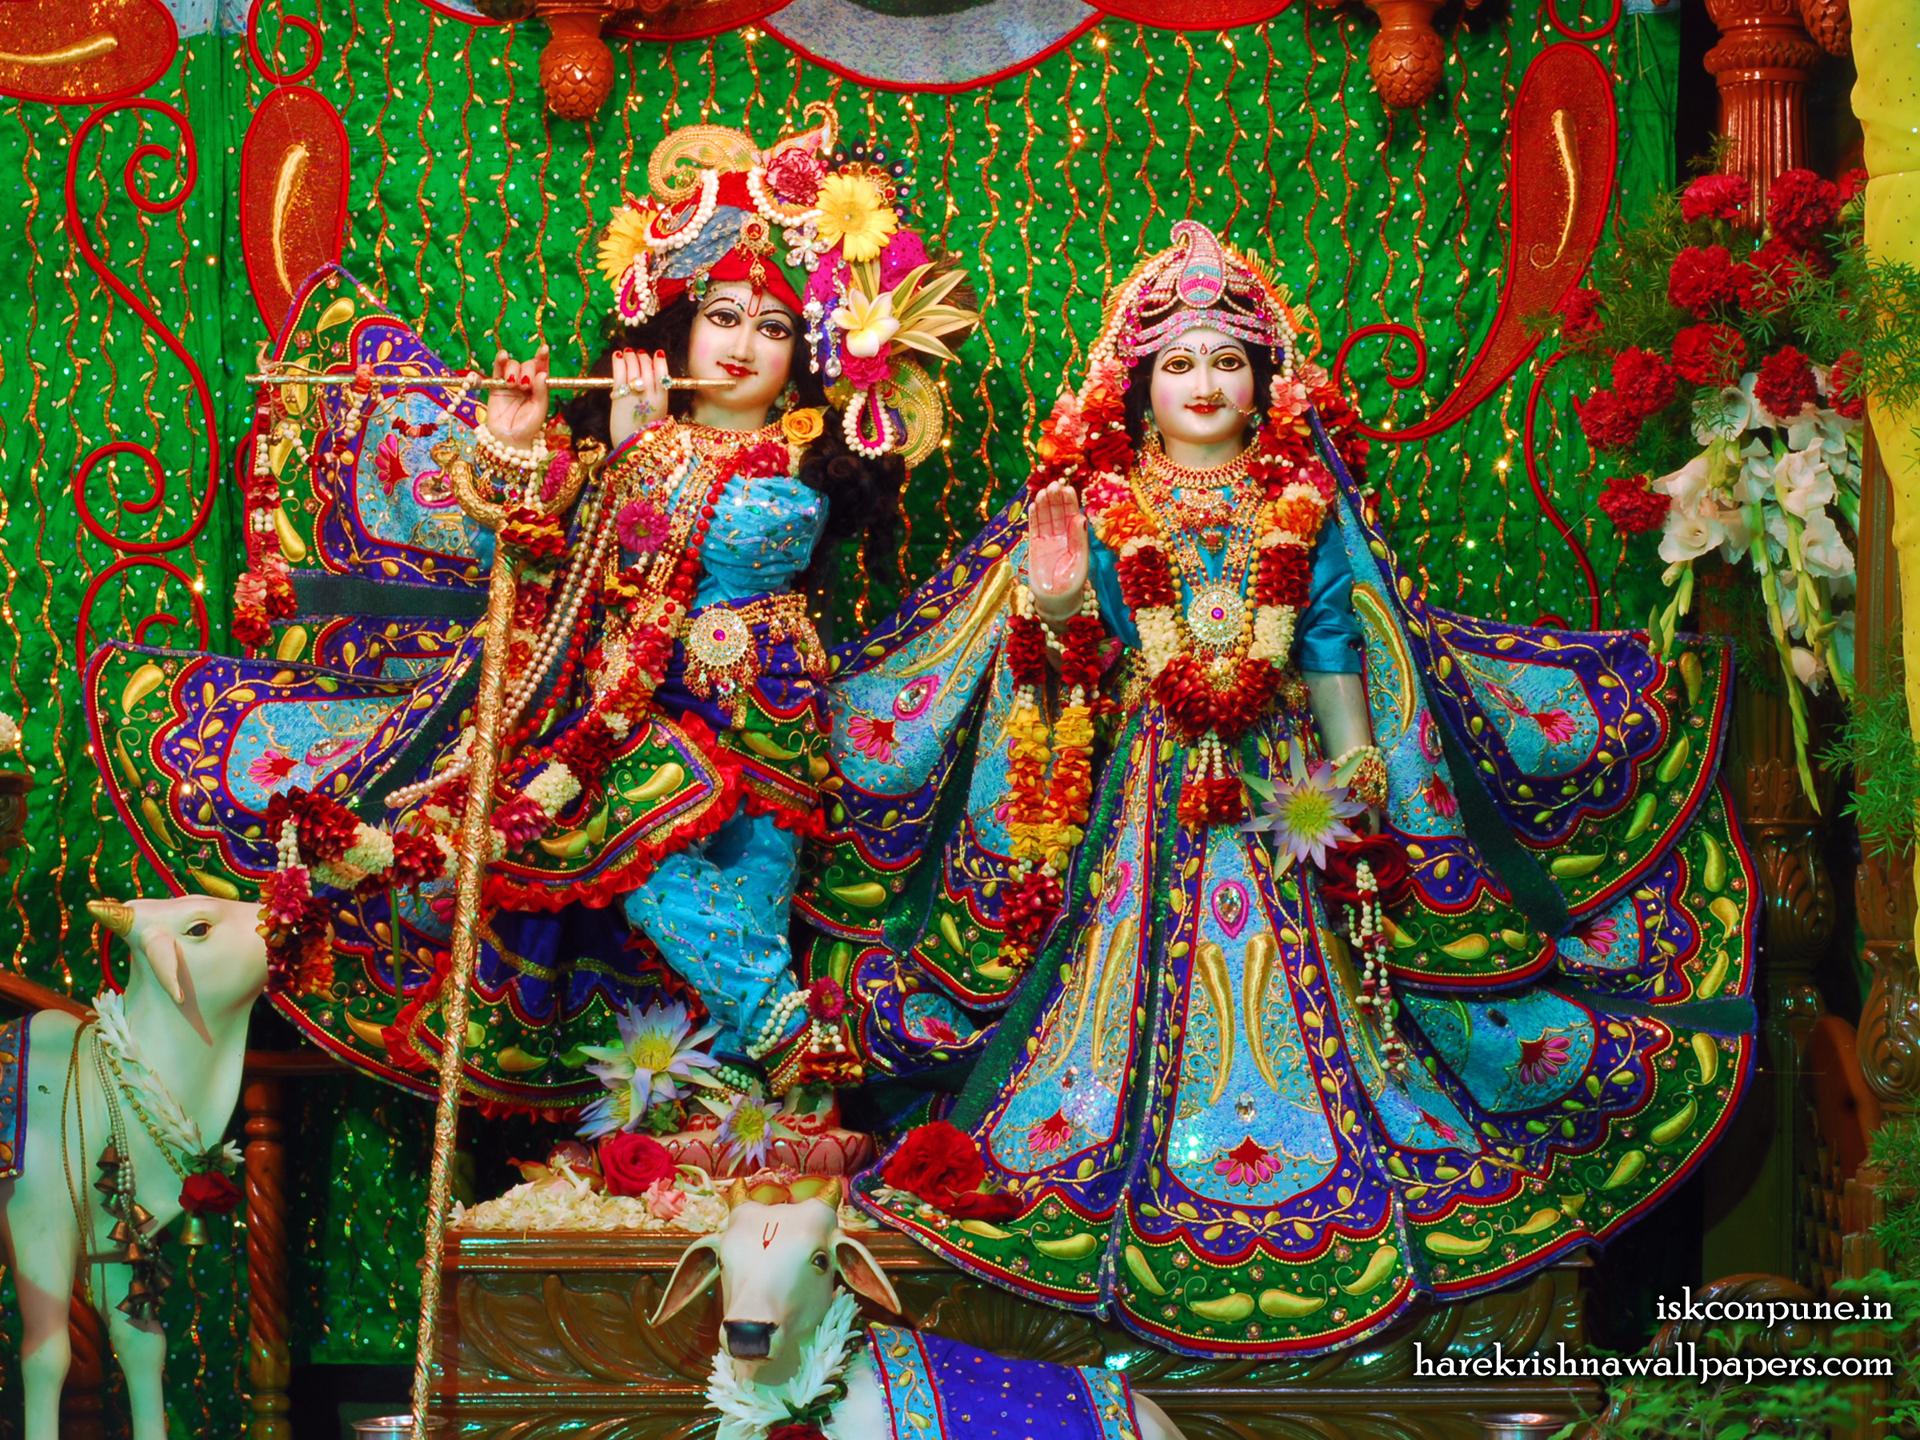 Sri Sri Radha Kunjabihari Wallpaper (005) Size 1920x1440 Download